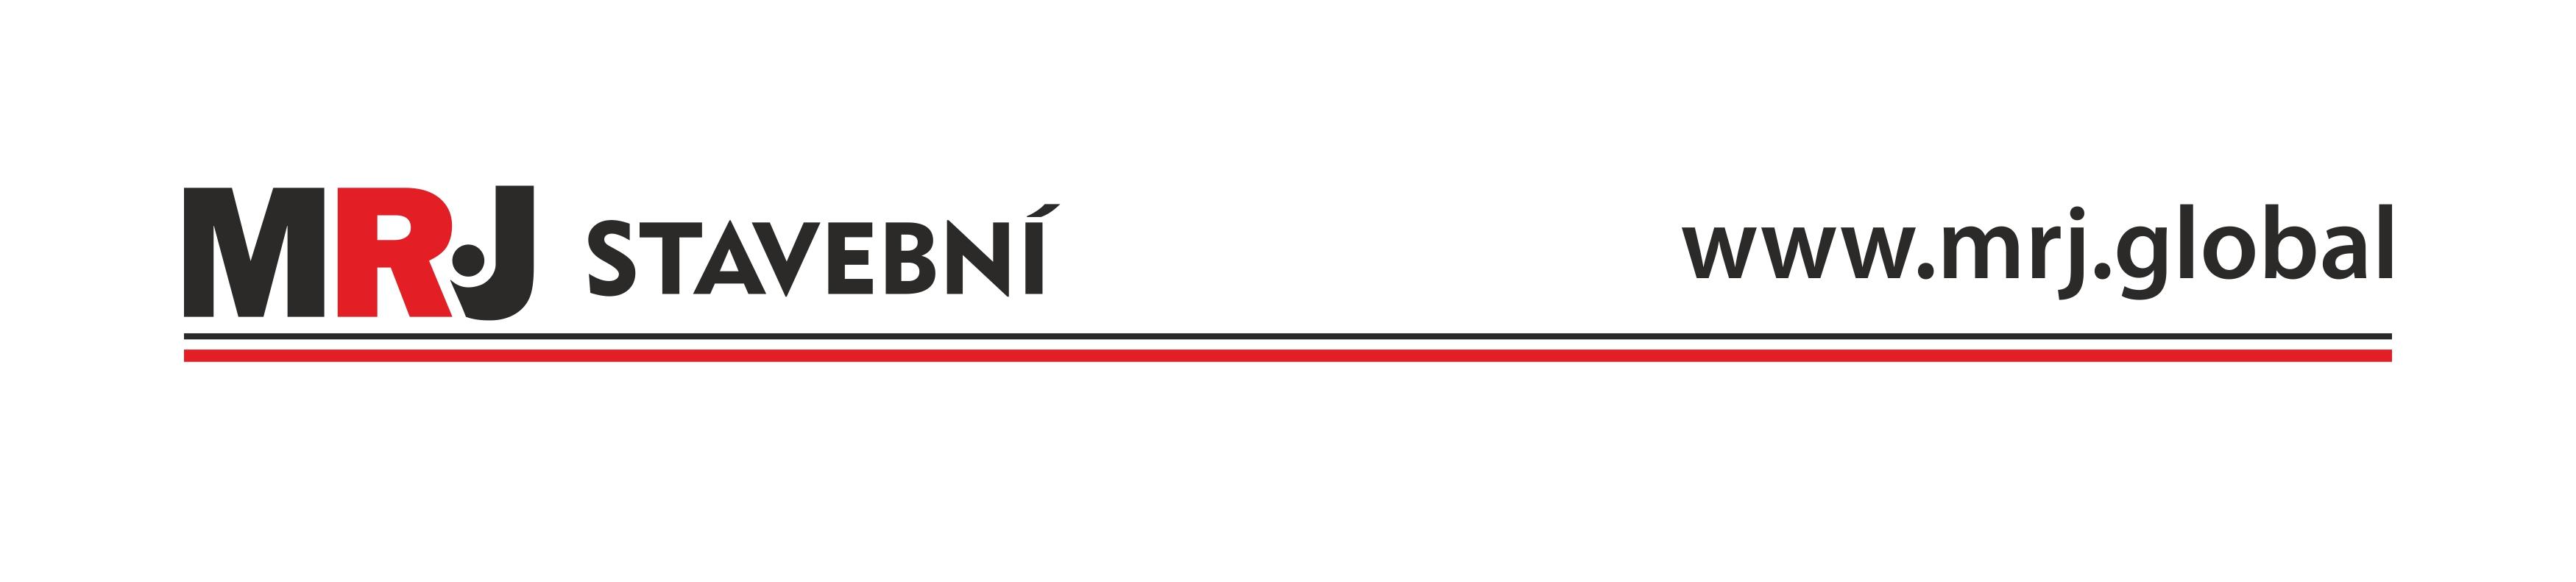 MRJ Stavební - logo